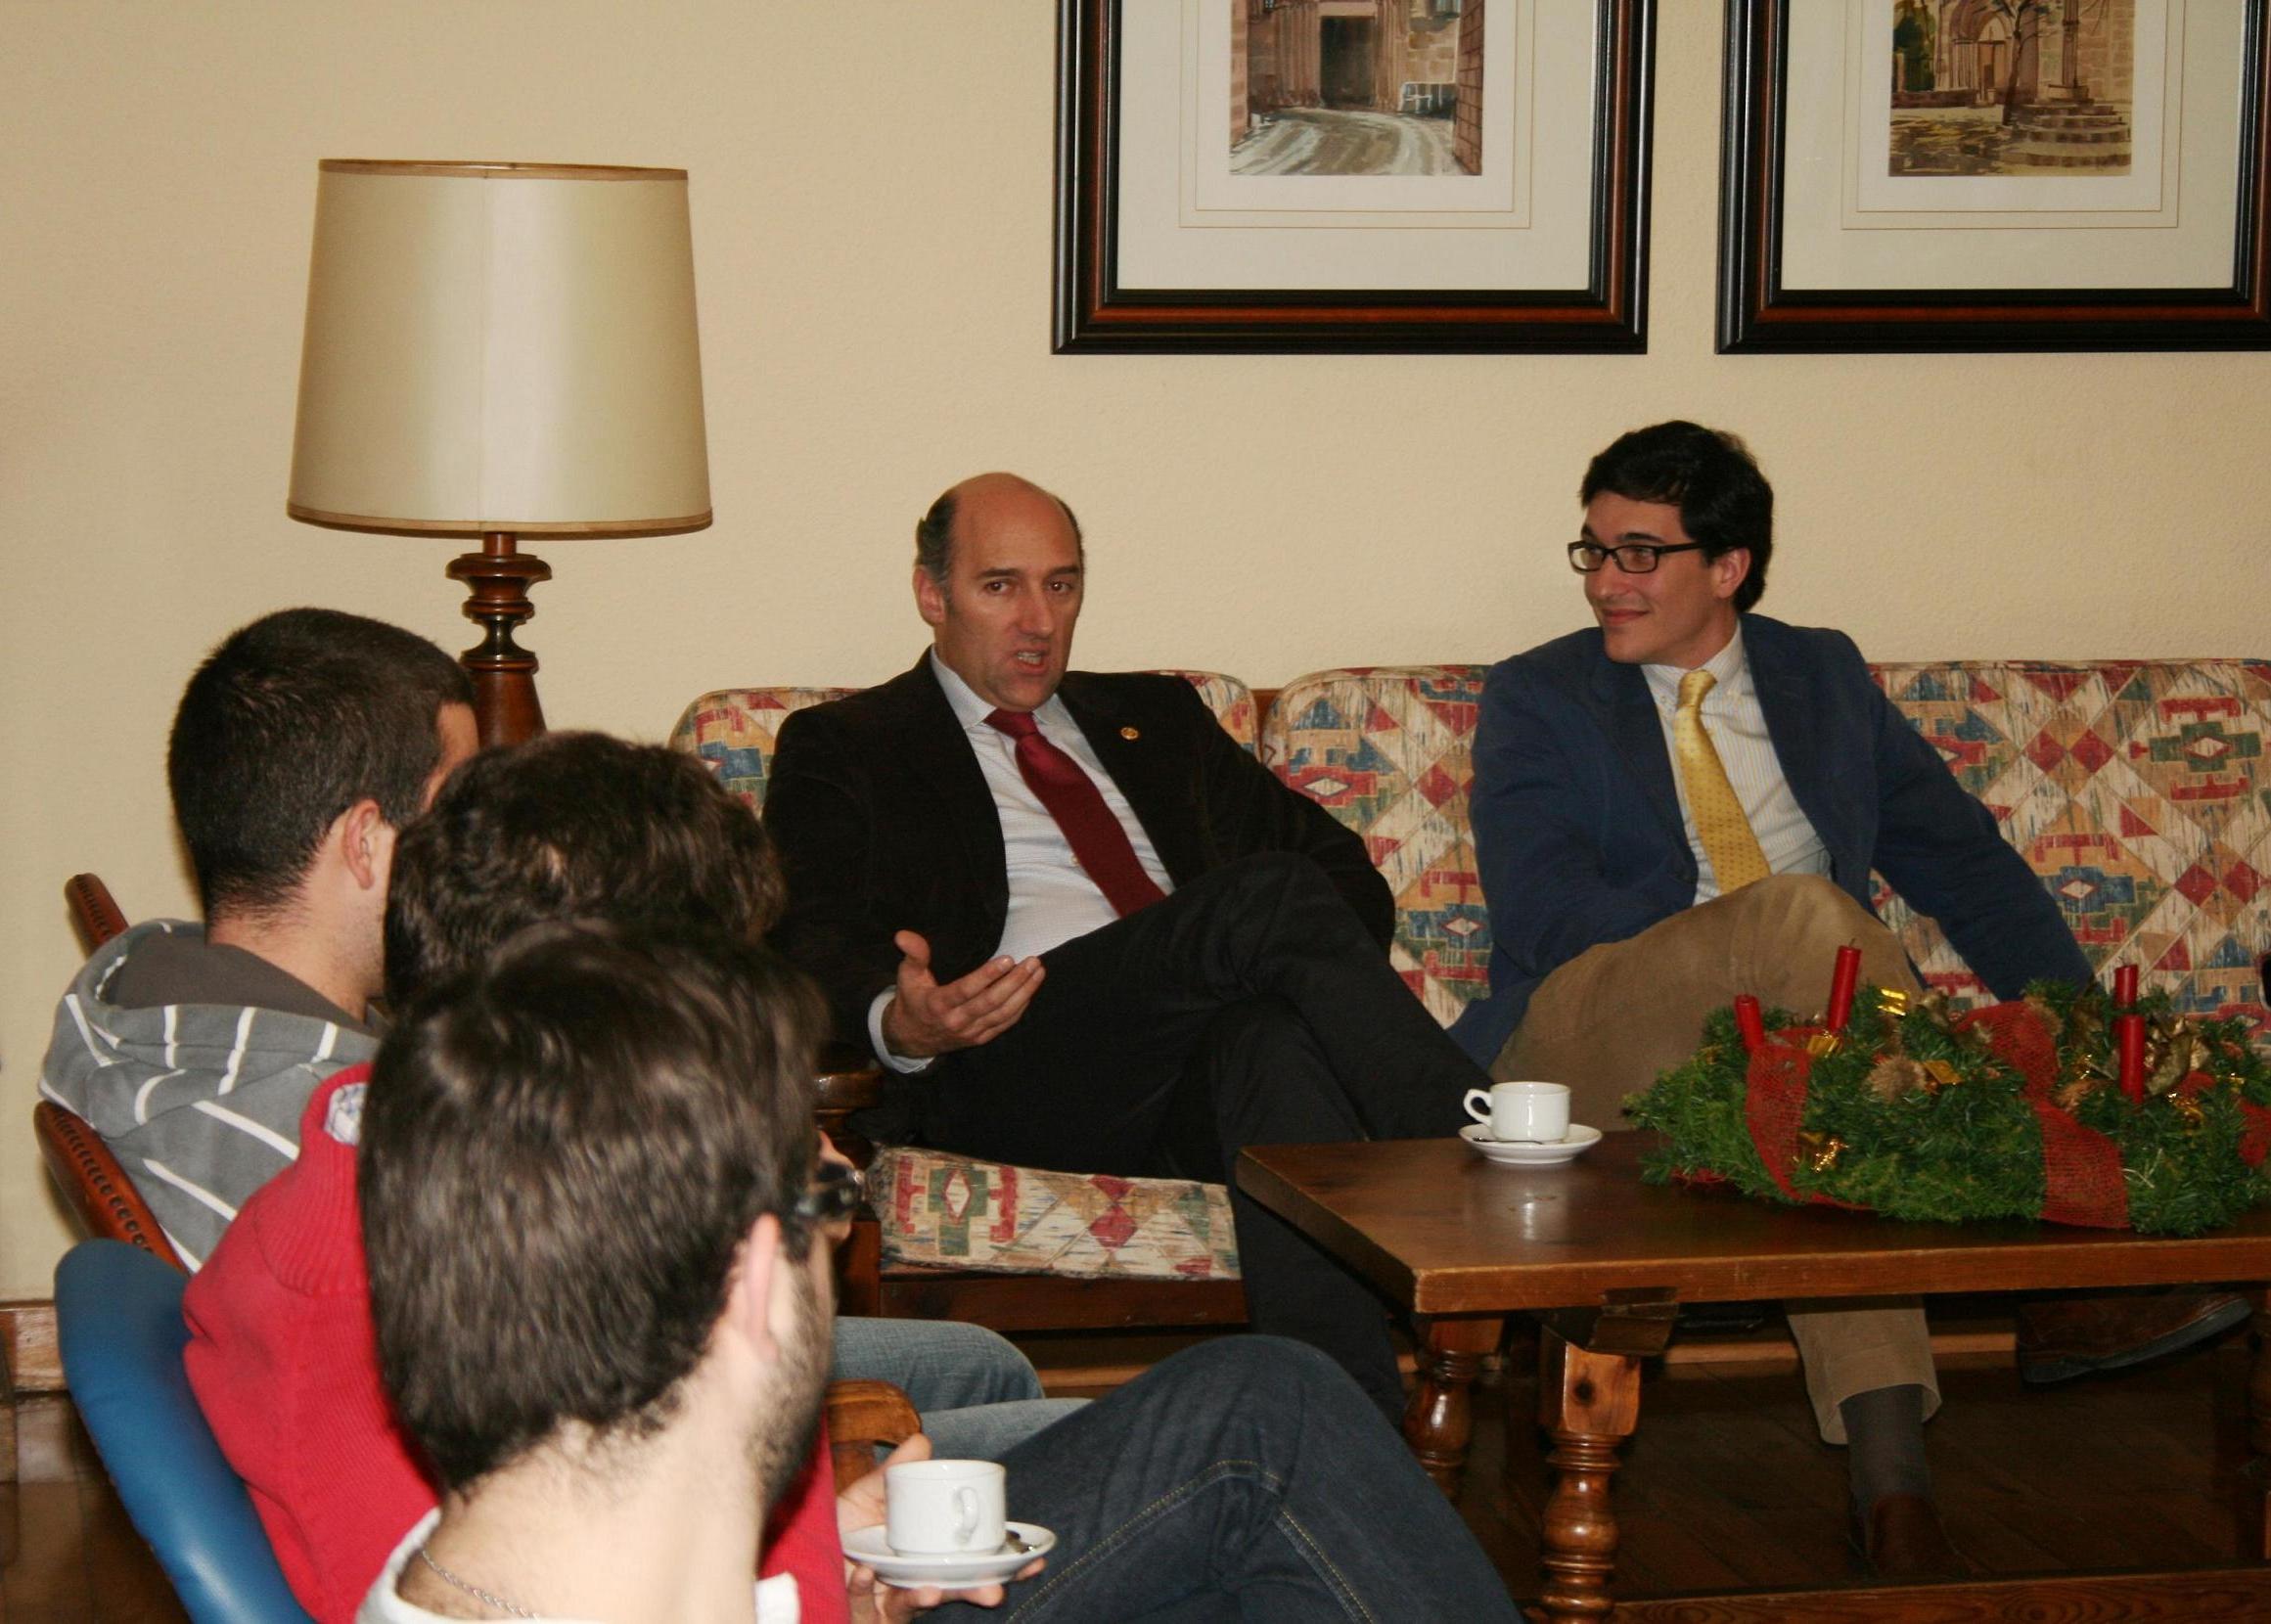 Tertulia con el abogado, miembro del Rotary Club de Santiago de Compostela, Jorge Martínez Tojo